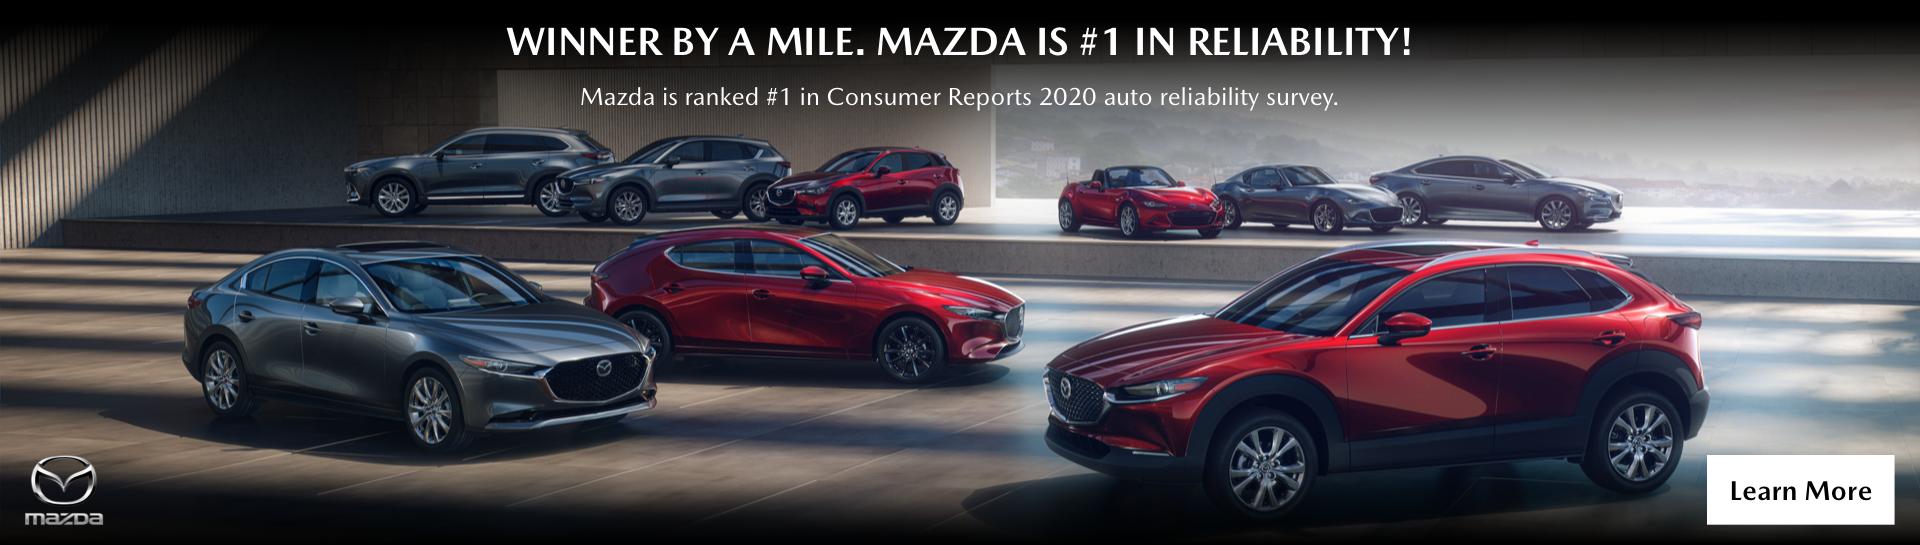 Mazda No.1 Consumer Reports Full Line